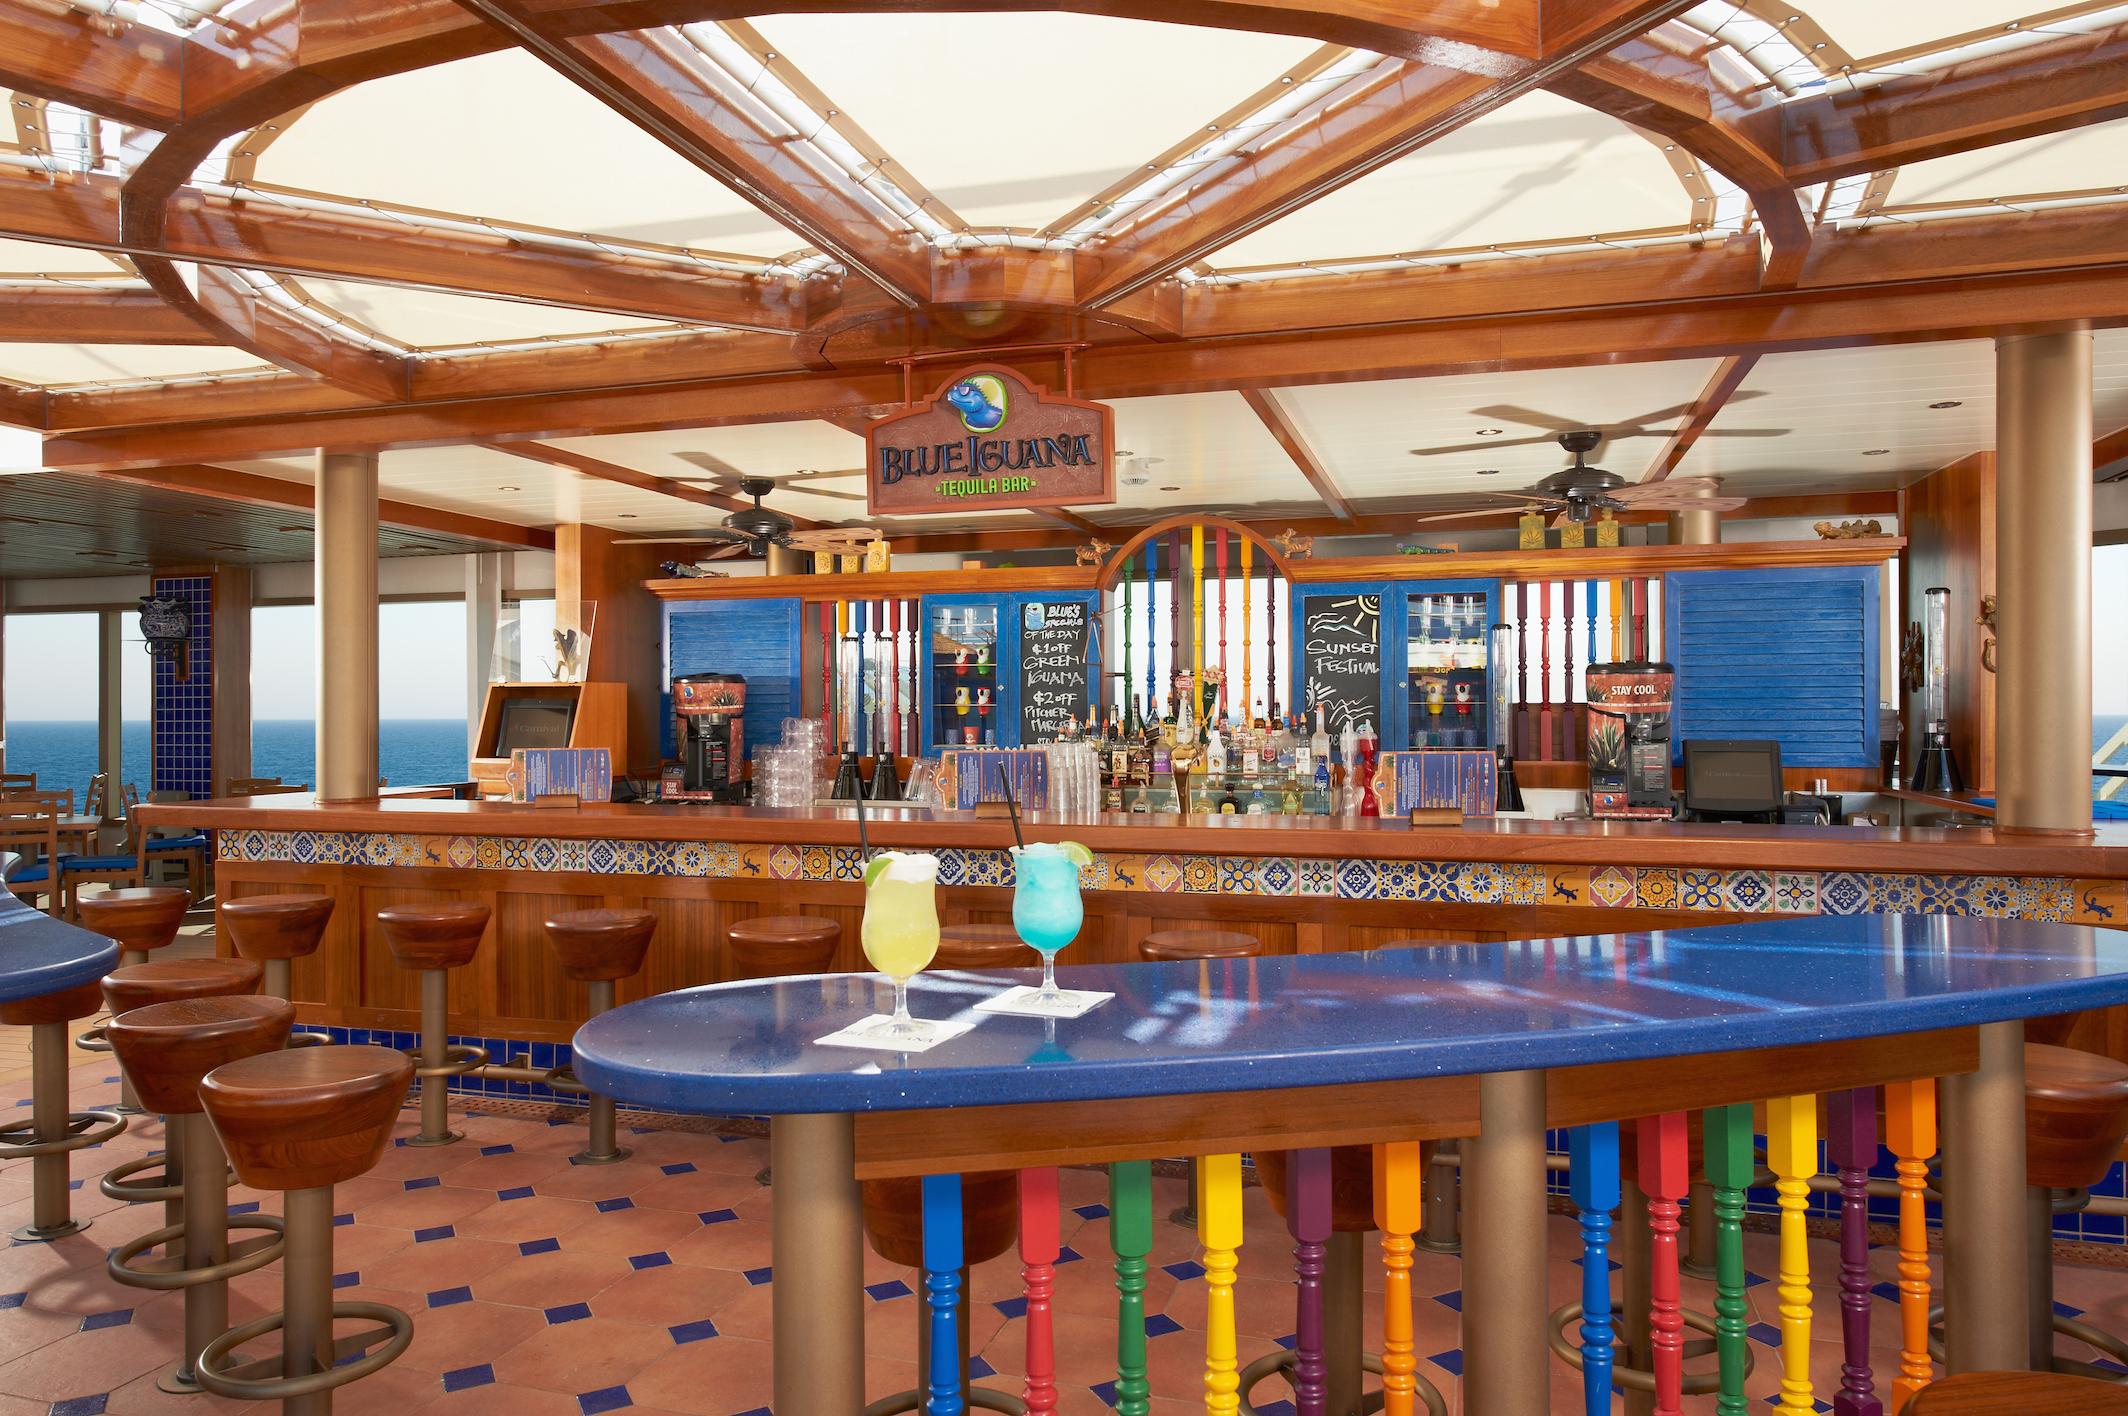 Carnival Sunshine BlueIguana Bar 1.jpg